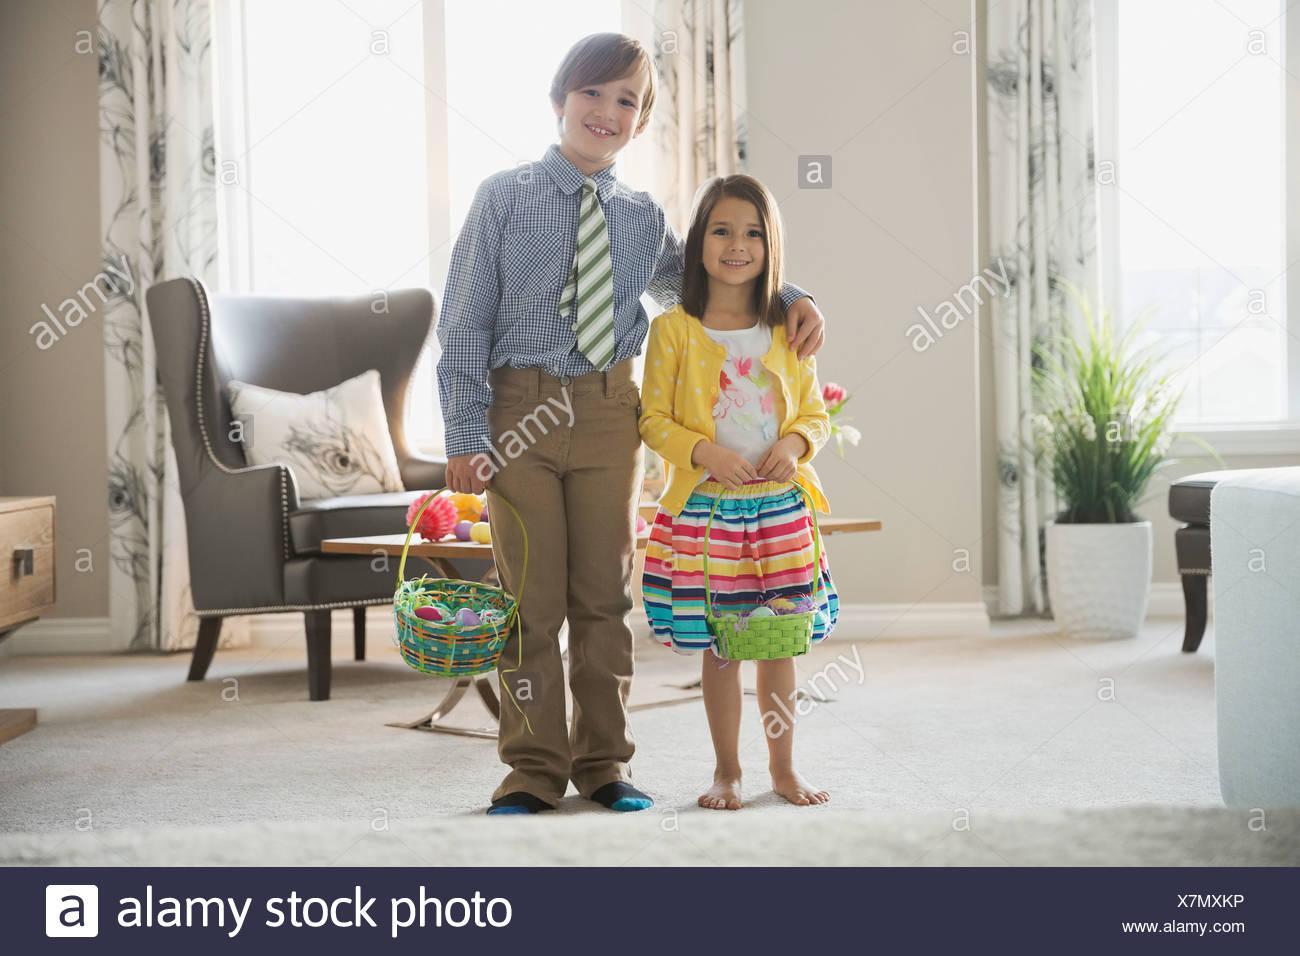 Retrato de hermanos llevando cestas de Pascua en casa Imagen De Stock